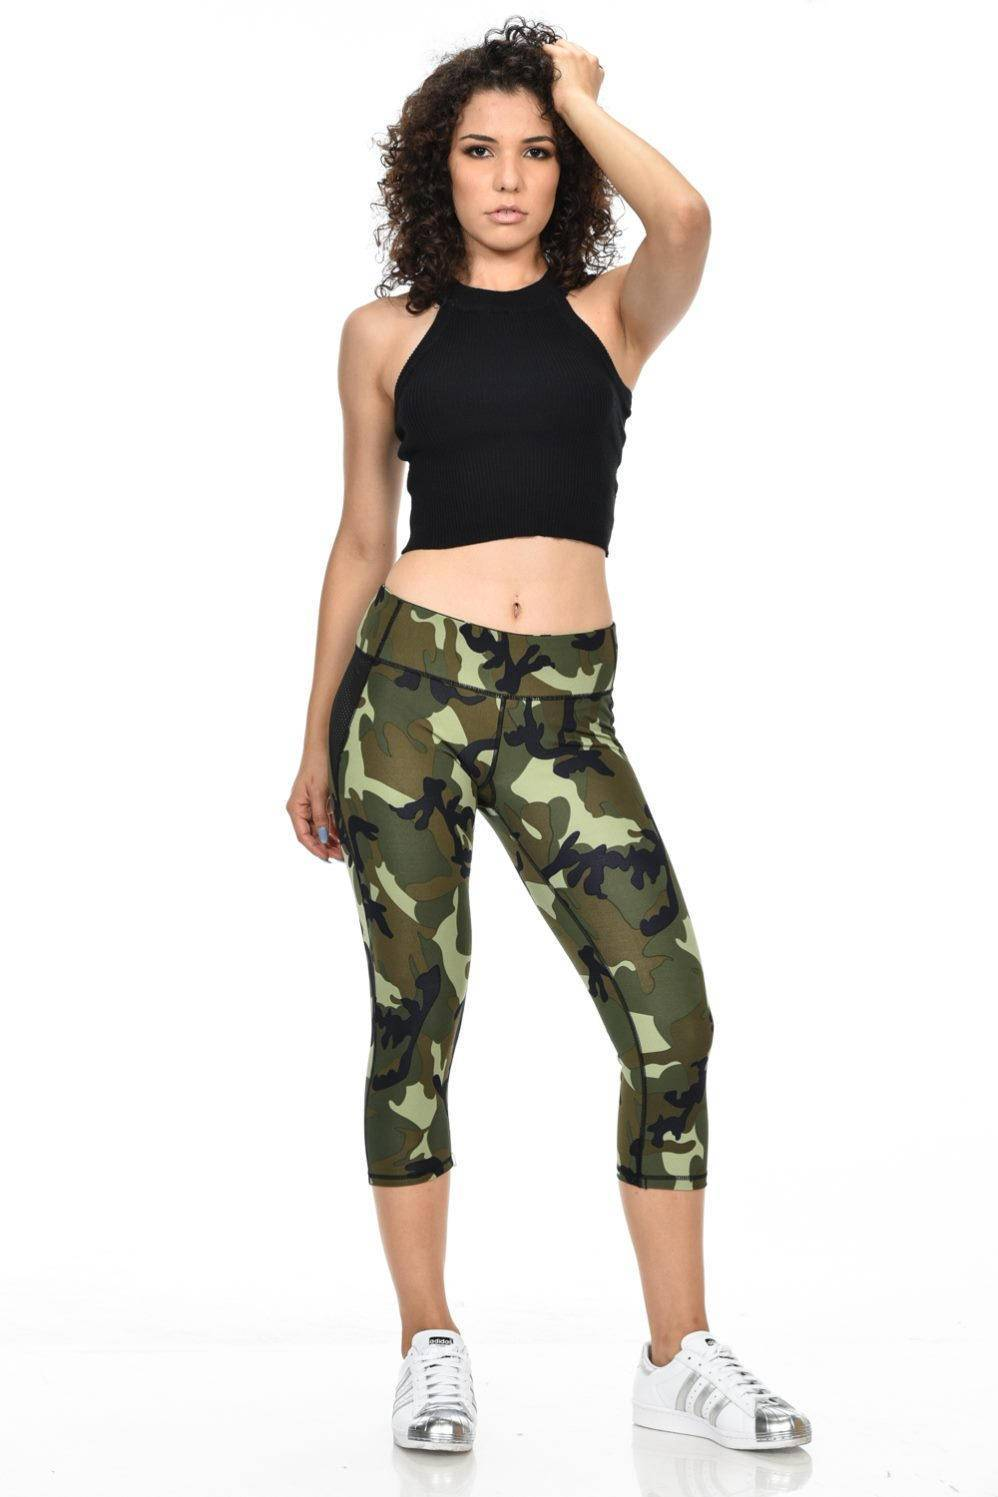 Diamante Women's Power Flex Yoga Pants Leggings Sportswear · Sport ...